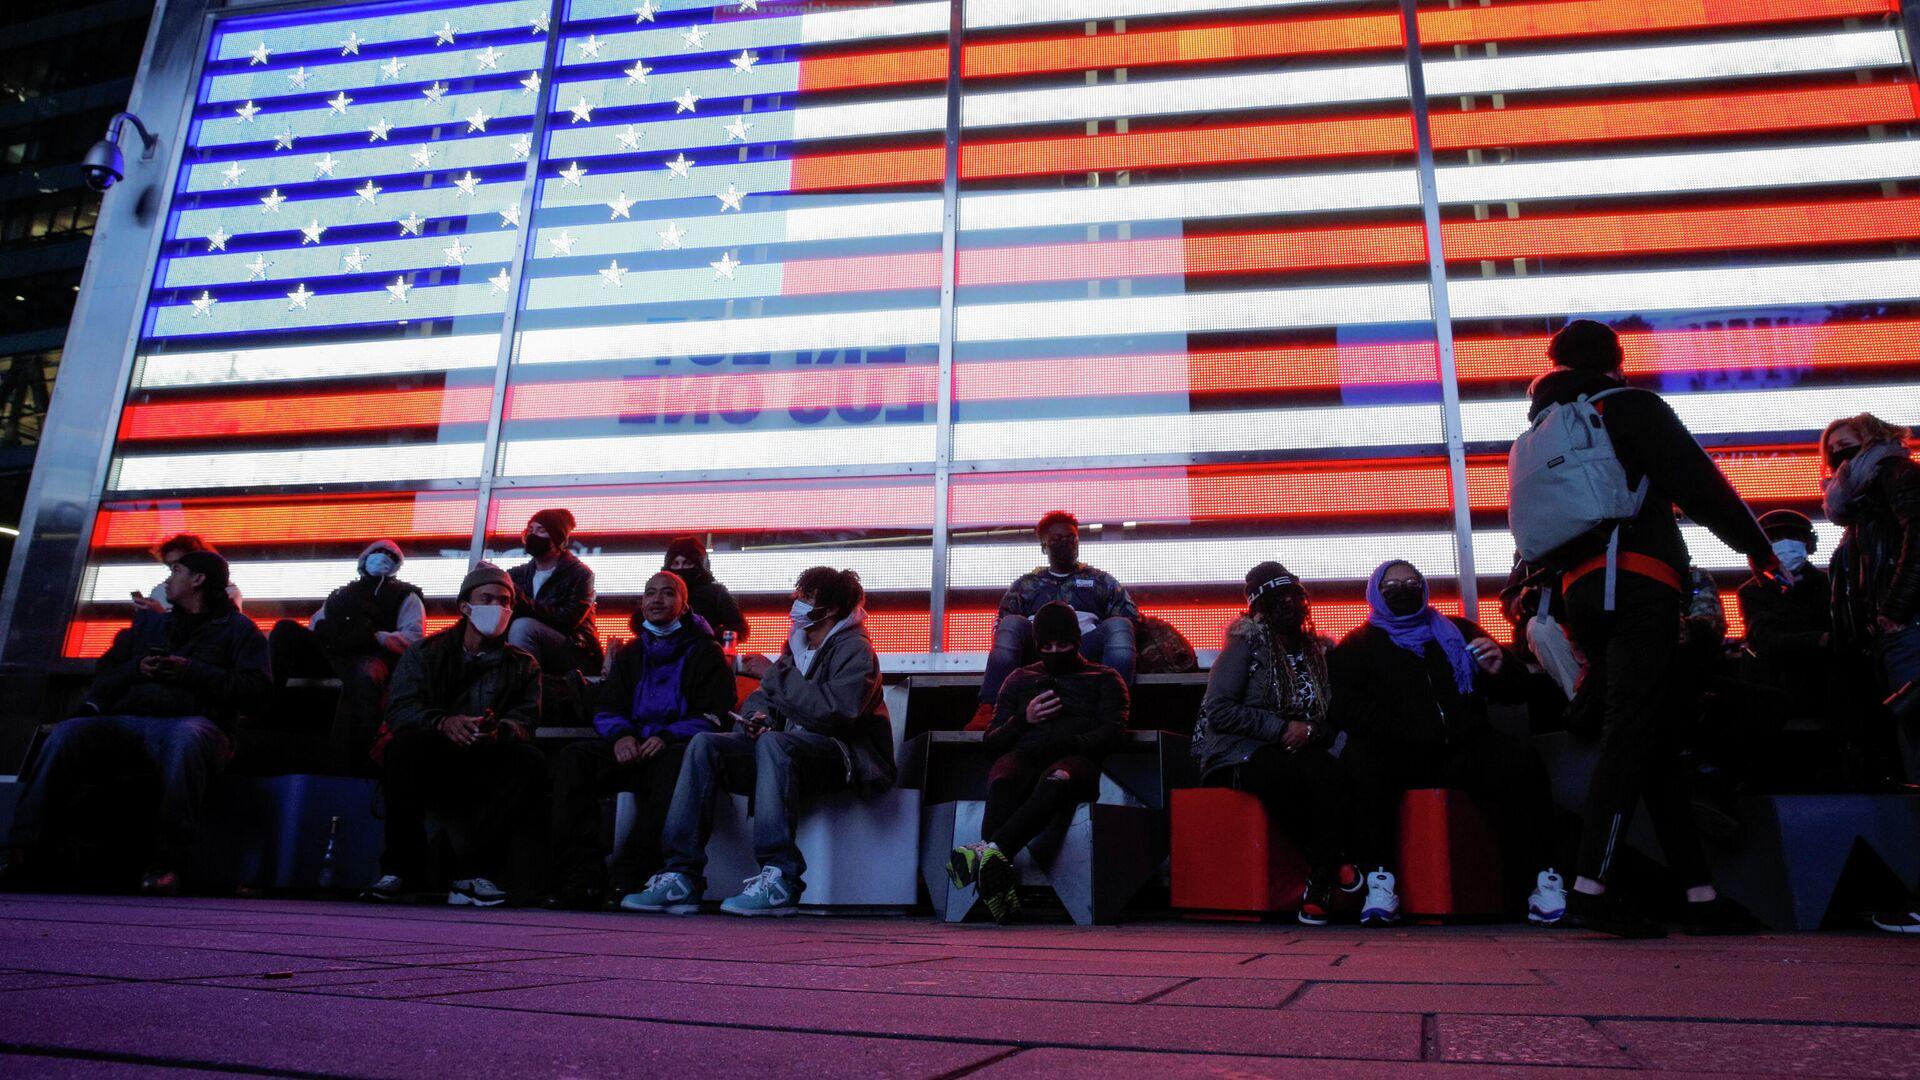 Люди наблюдают за подведением итогов голосования на президентских выборах в Нью-Йорке, США - РИА Новости, 1920, 04.11.2020